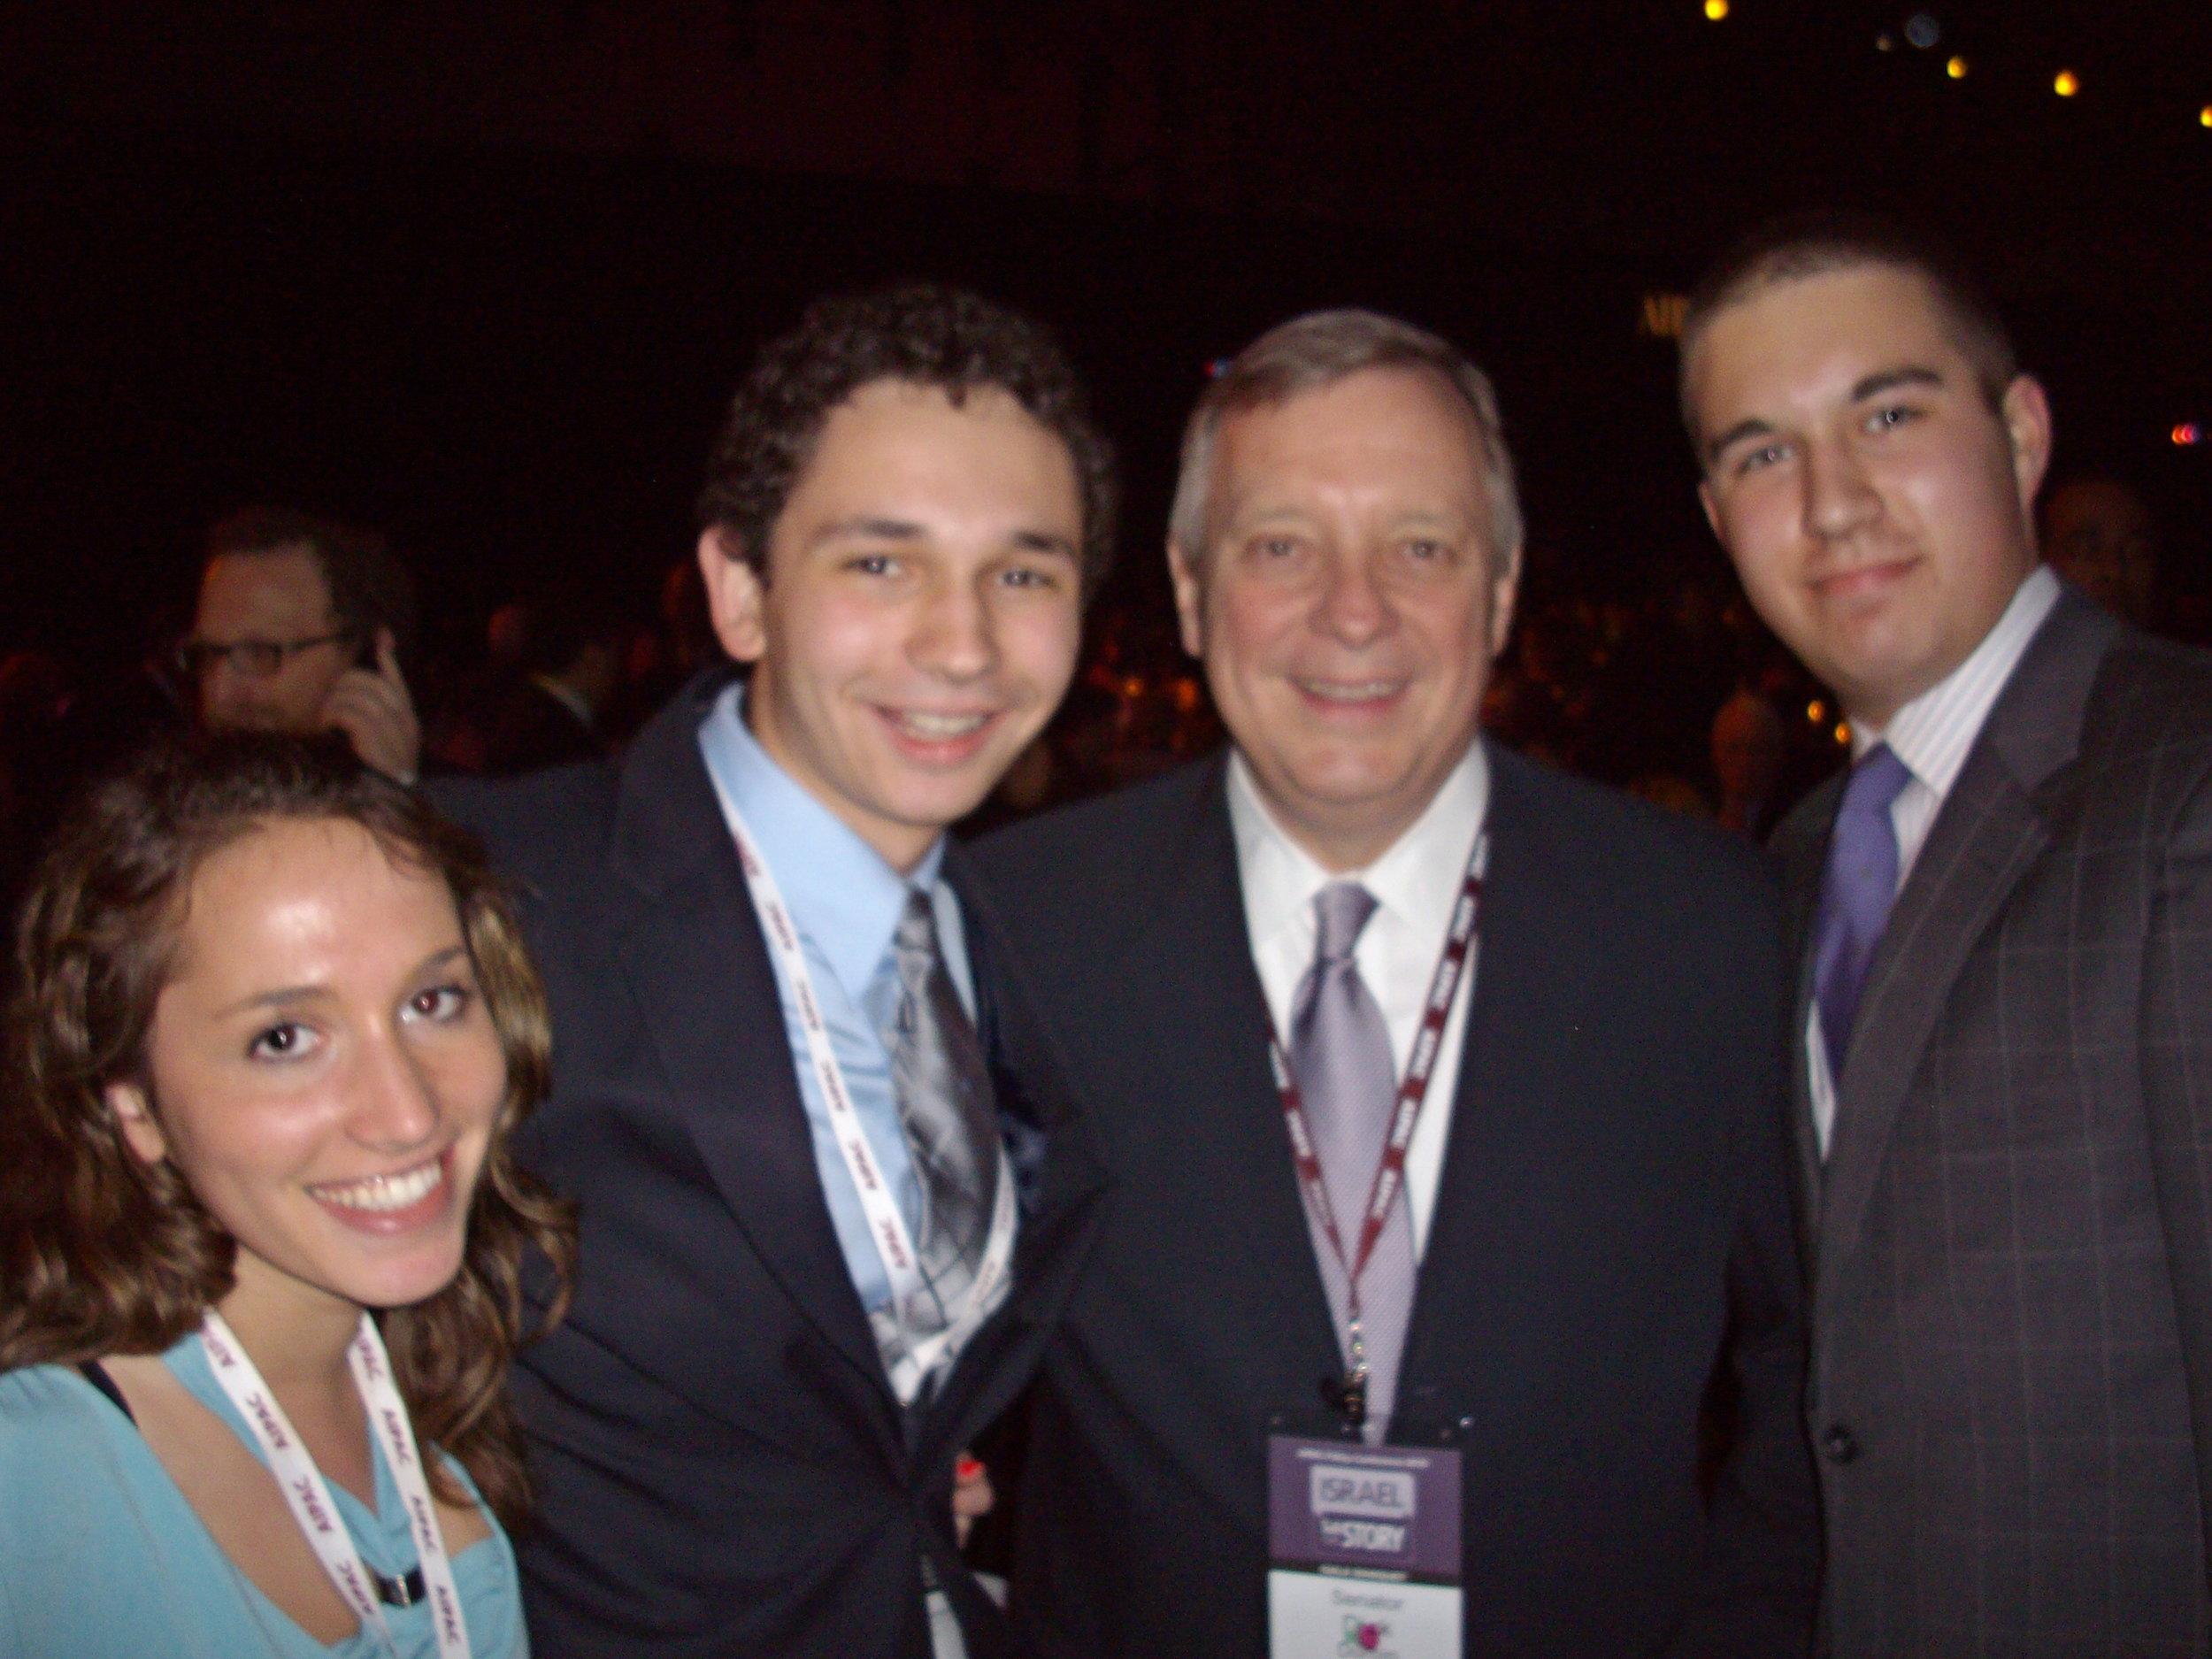 With Senator Dick Durbin (D-Il), May 2010